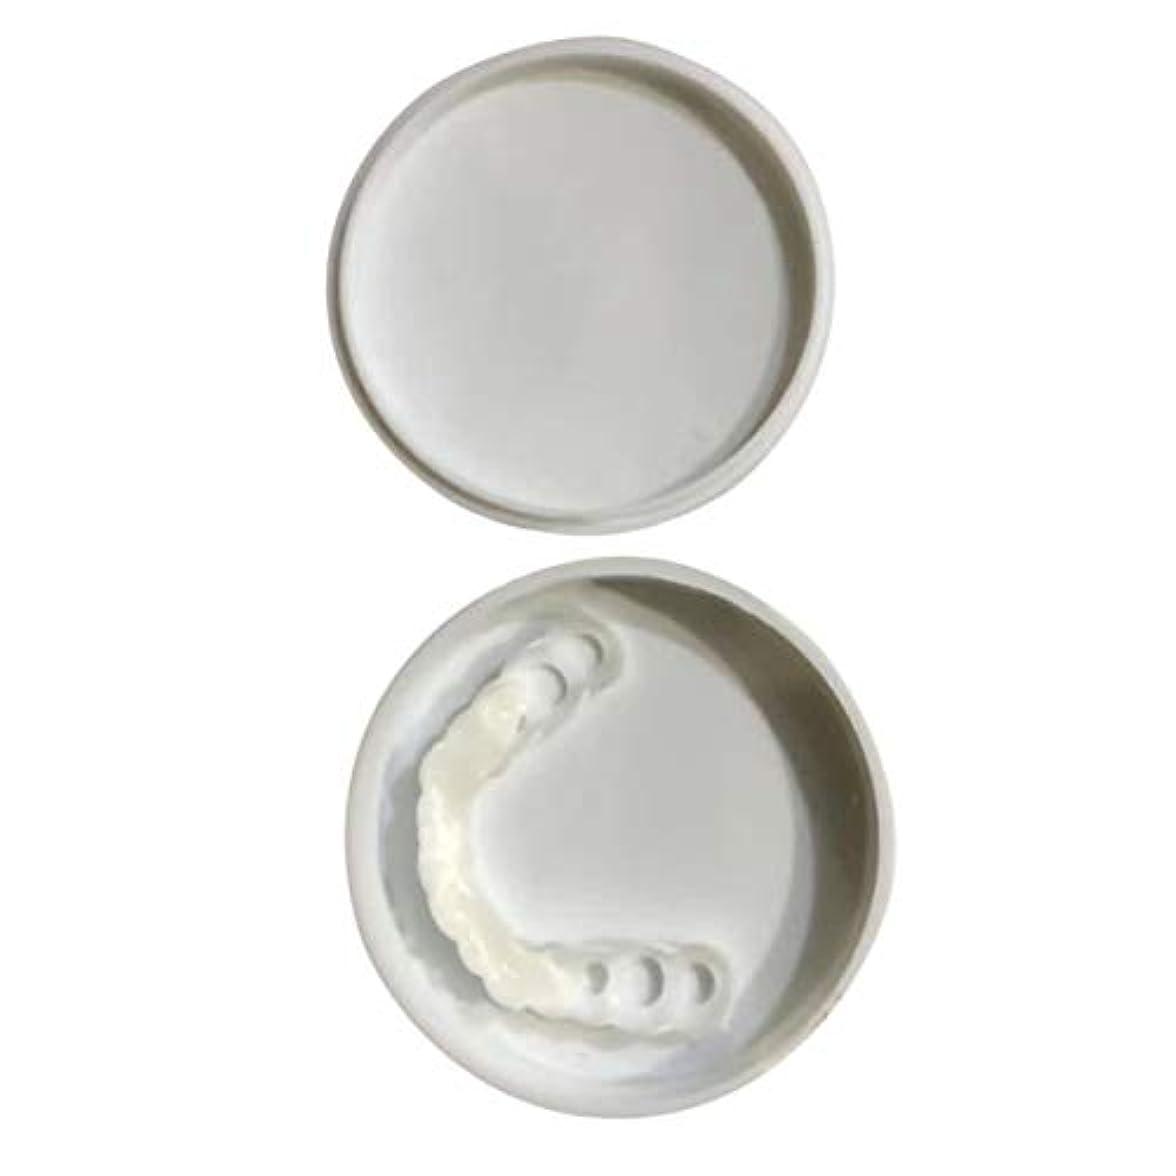 気取らないラジウム安らぎ快適なスナップオン男性女性歯インスタントパーフェクトスマイルコンフォートフィットフレックス歯フィットホワイトニング笑顔偽歯カバー - ホワイト